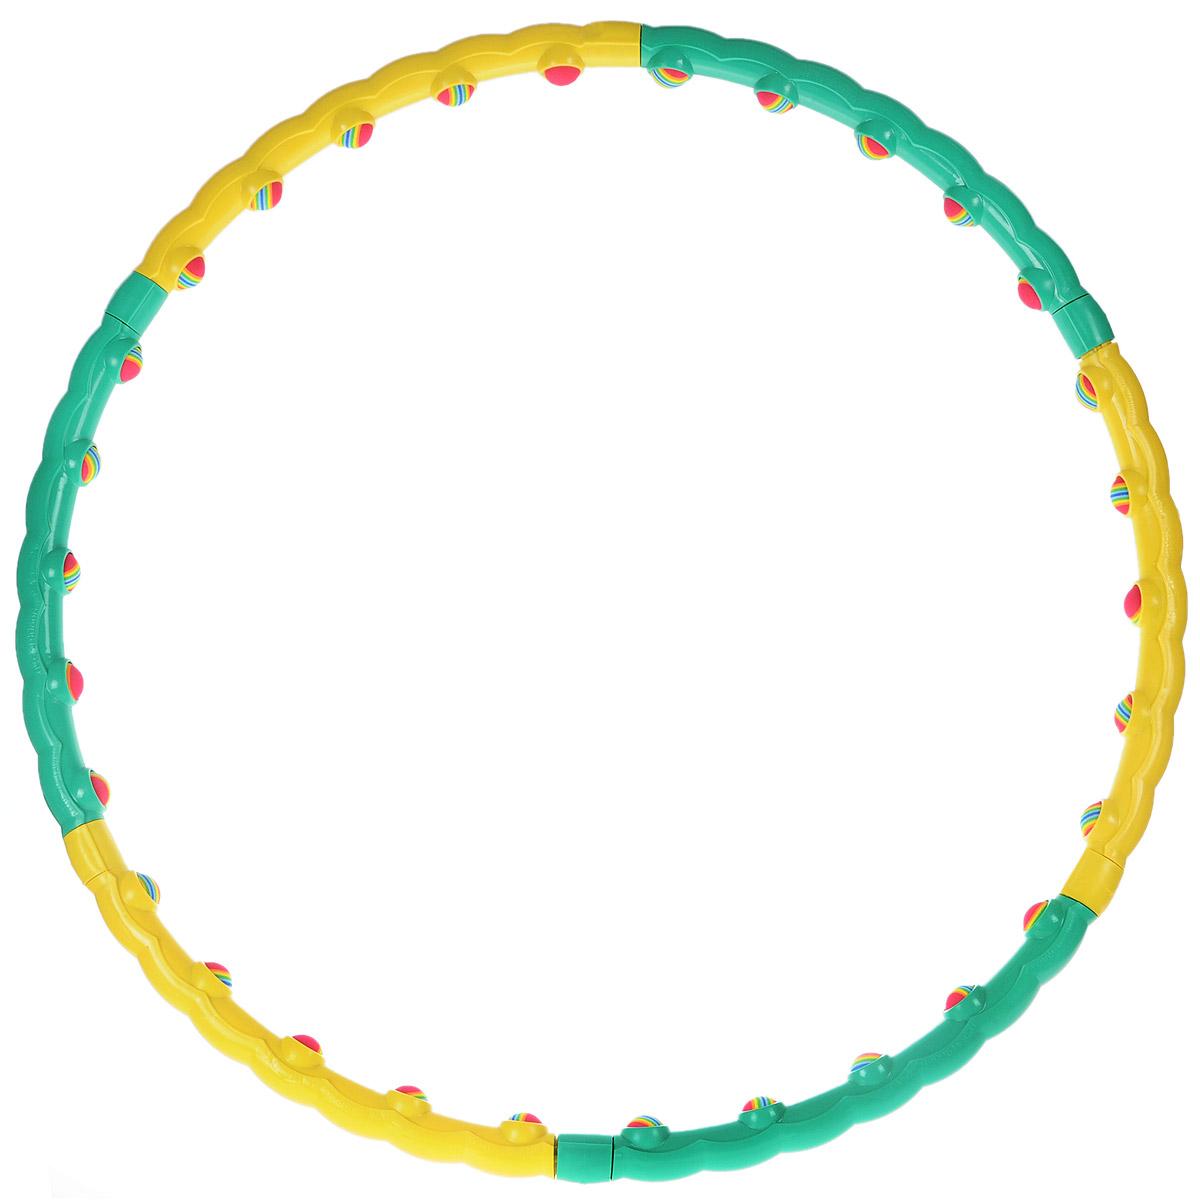 Обруч массажный Хула-хуп с неопреновыми шариками, разборныйНН-01Массажный обруч Хула-хуп изготовлен из пластика. Он имеет 30 мягких неопреновых шариков, которые оказывают массажный эффект. Форма обруча стимулирует акупунктурные точки поясницы и обеспечивает массирующий эффект, помогает избавиться от излишнего веса. Обруч помогает сохранить тело подтянутым и стимулирует работу кишечника. Характеристики: Материал:пластик. Диаметр (внутренний):90 см. Размер упаковки:53 см х 23,5 х 10 см. Производитель:Тайвань. Артикул:HH-01.Как выбрать кардиотренажер для похудения. Статья OZON Гид